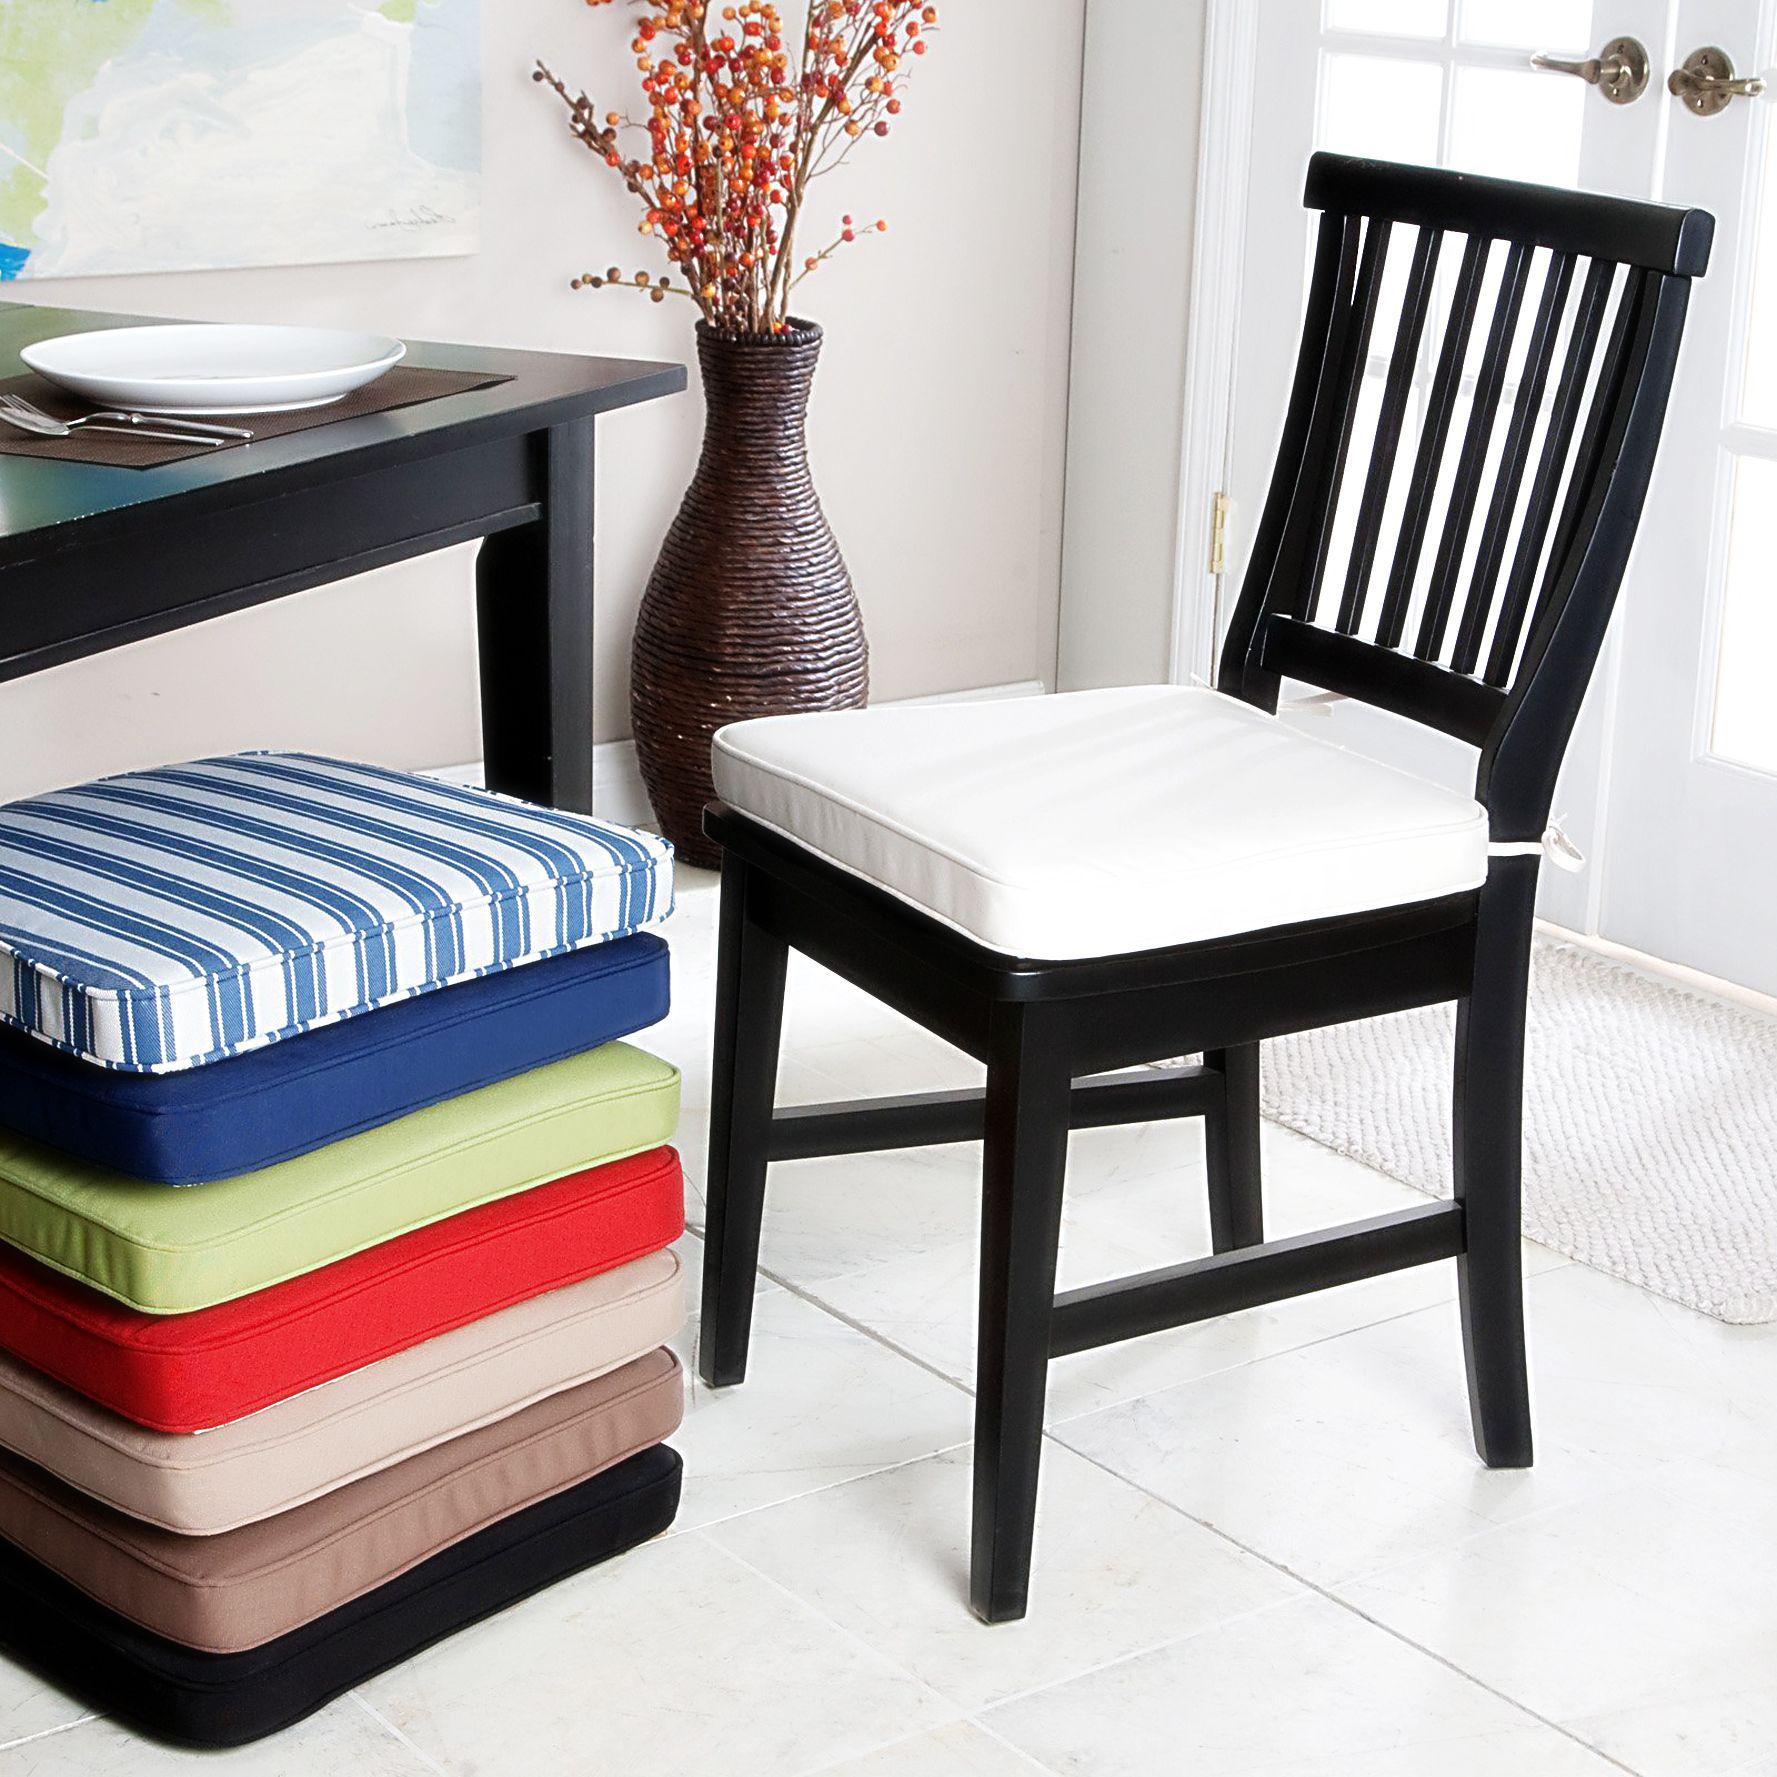 Wunderschön Küchen Und Esszimmerstühle Ideen Von Küchen Stuhl Kissen Mit Bindungen Dies Ist